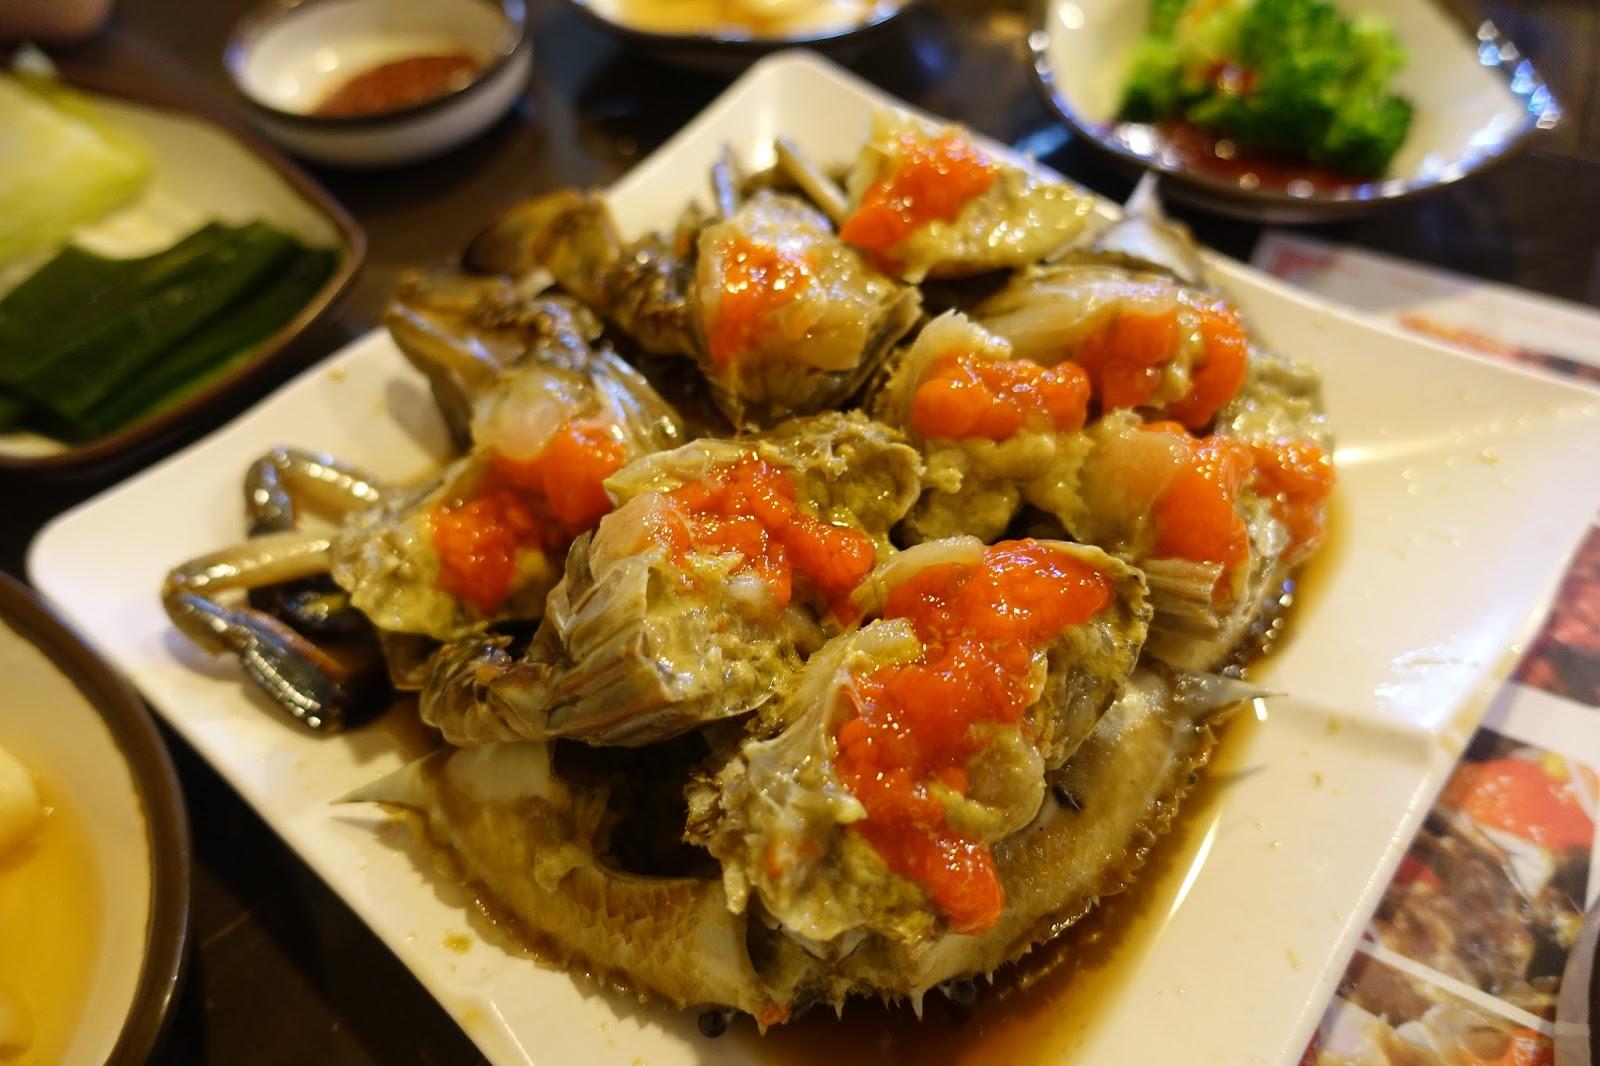 少女旅行日記: [首爾食食食] 蟹膏超豐盛的醬油蟹 新沙站元祖馬山辣燉鮟鱇魚店 杜如風的推介